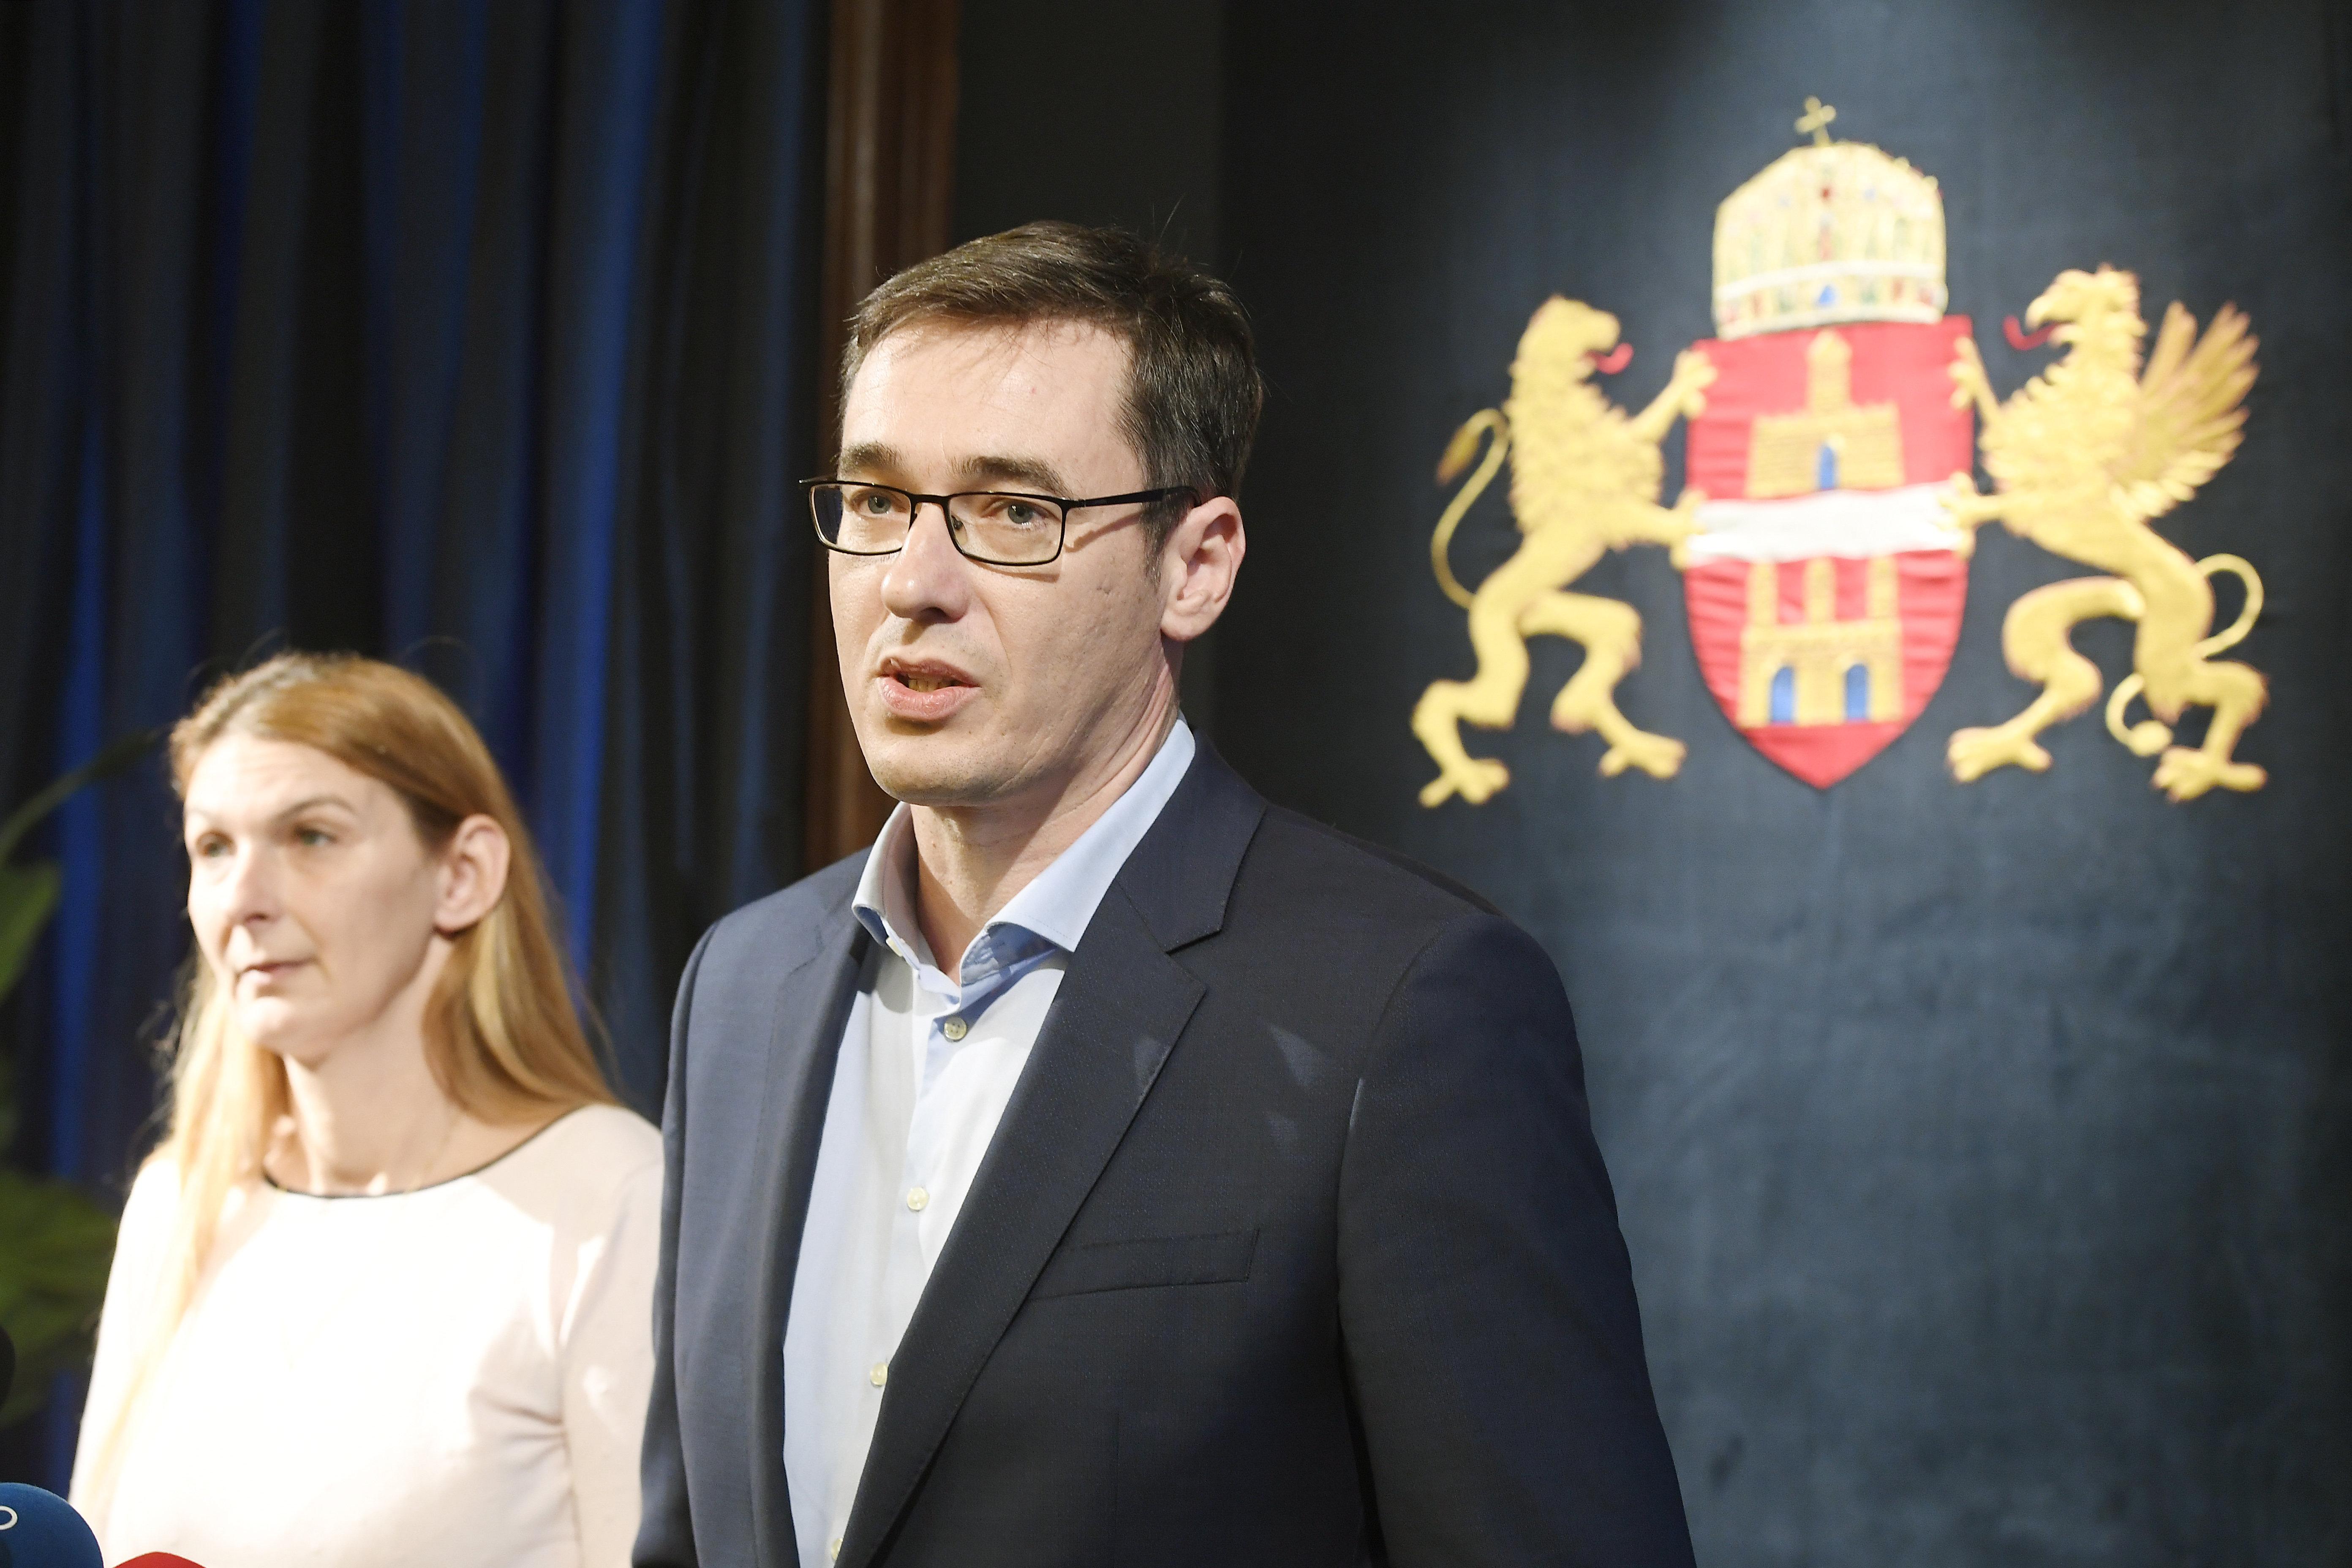 Budapester Oberbürgermeister kandidiert als Ministerpräsident